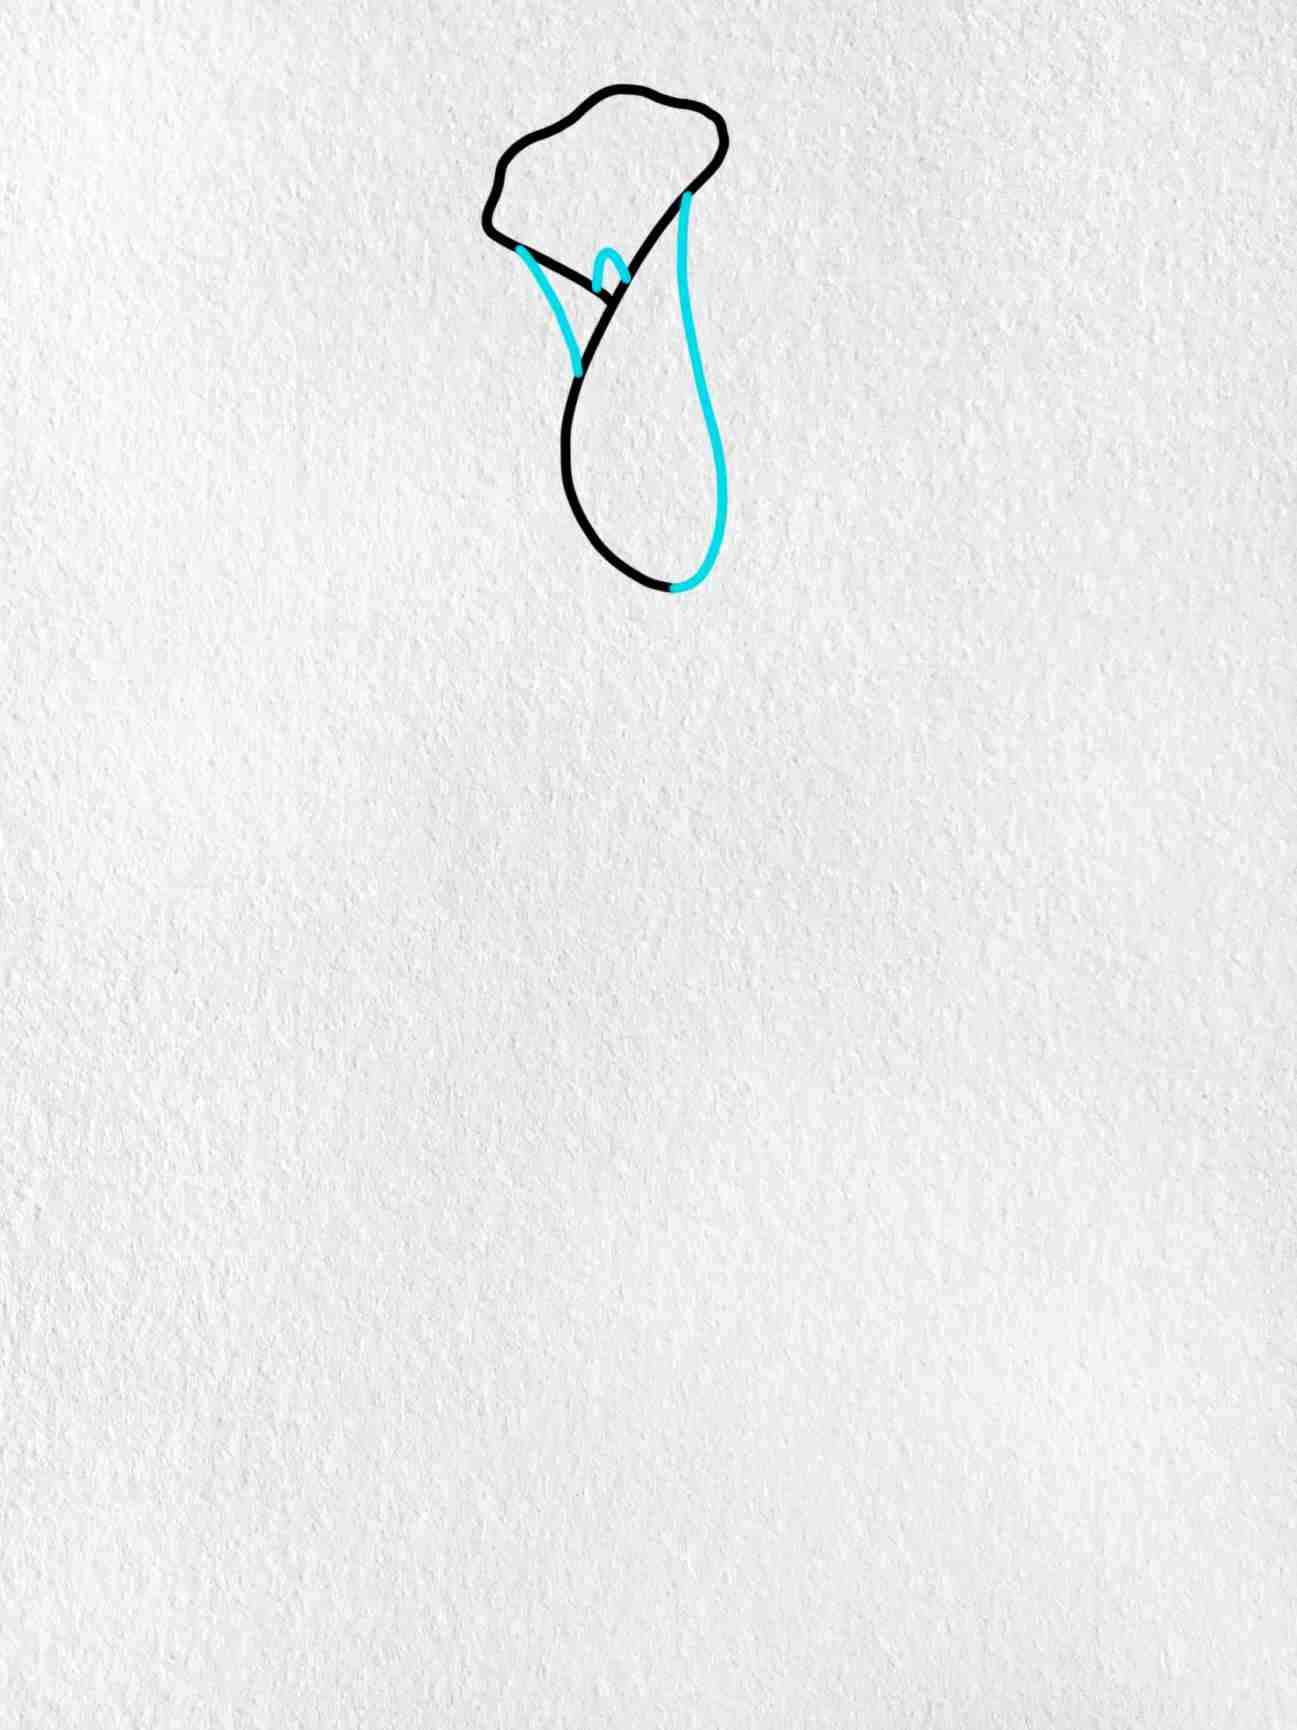 Calla Lily Drawing: Step 2